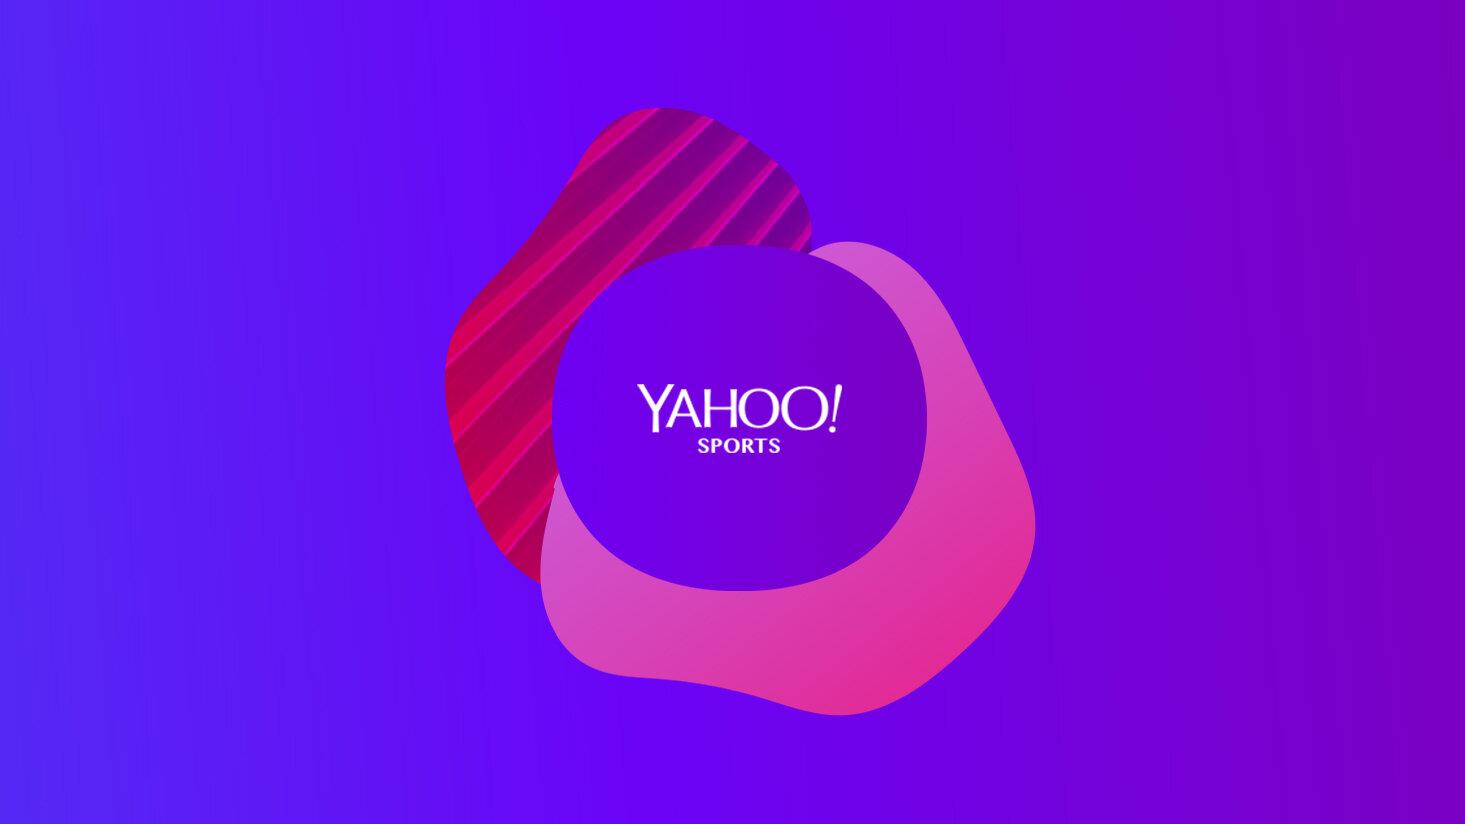 Yahoo_7.jpg